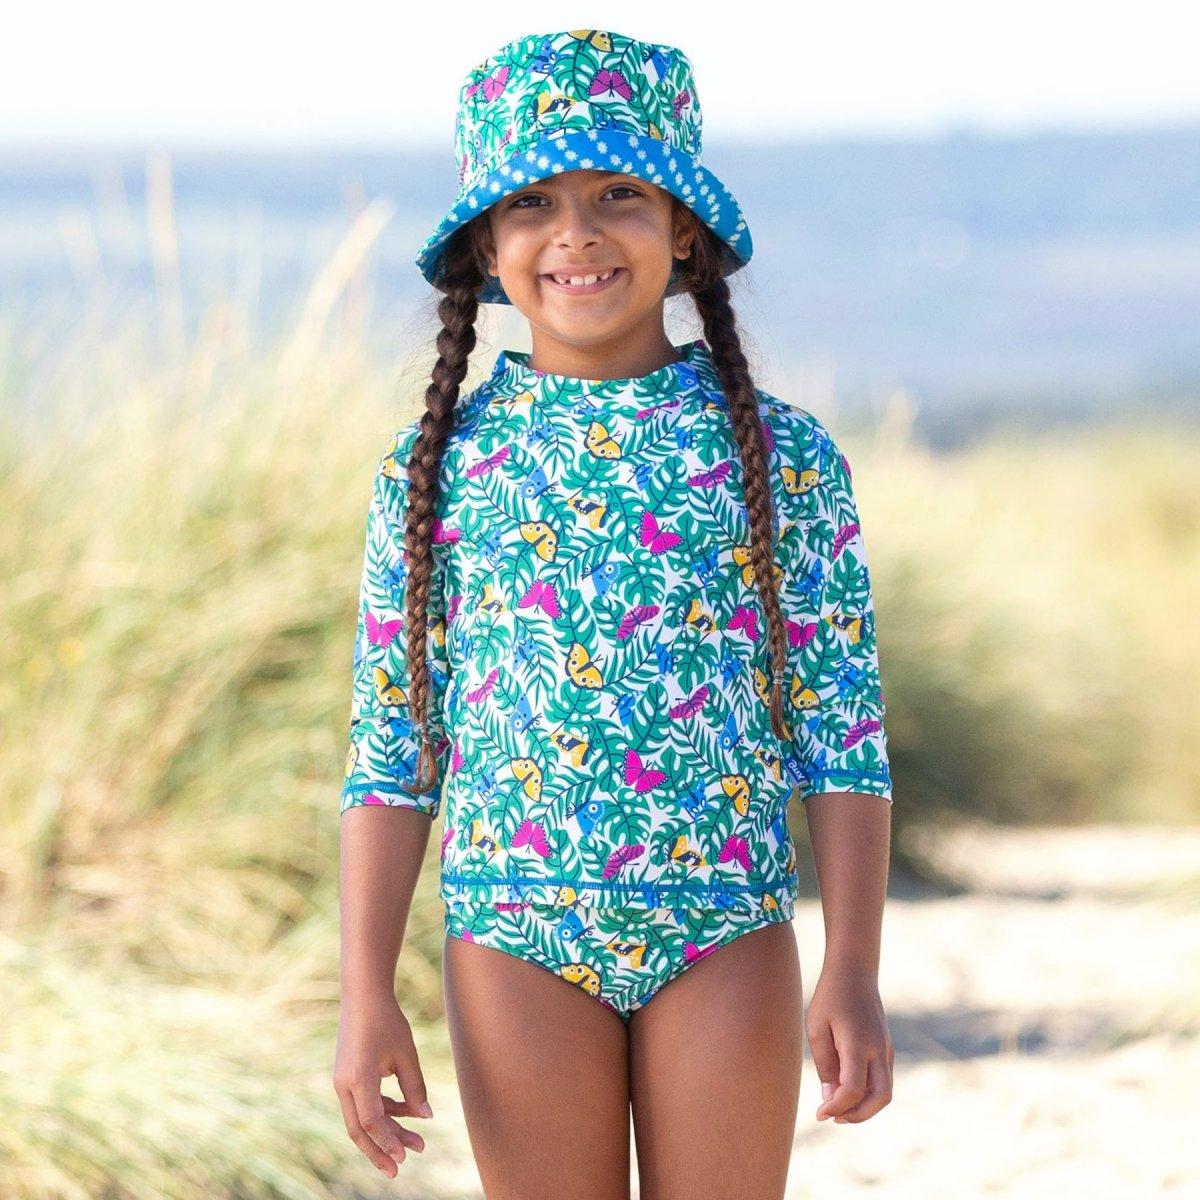 Maglietta Sole&Nuoto Flutterby con protezione UV UPF50+